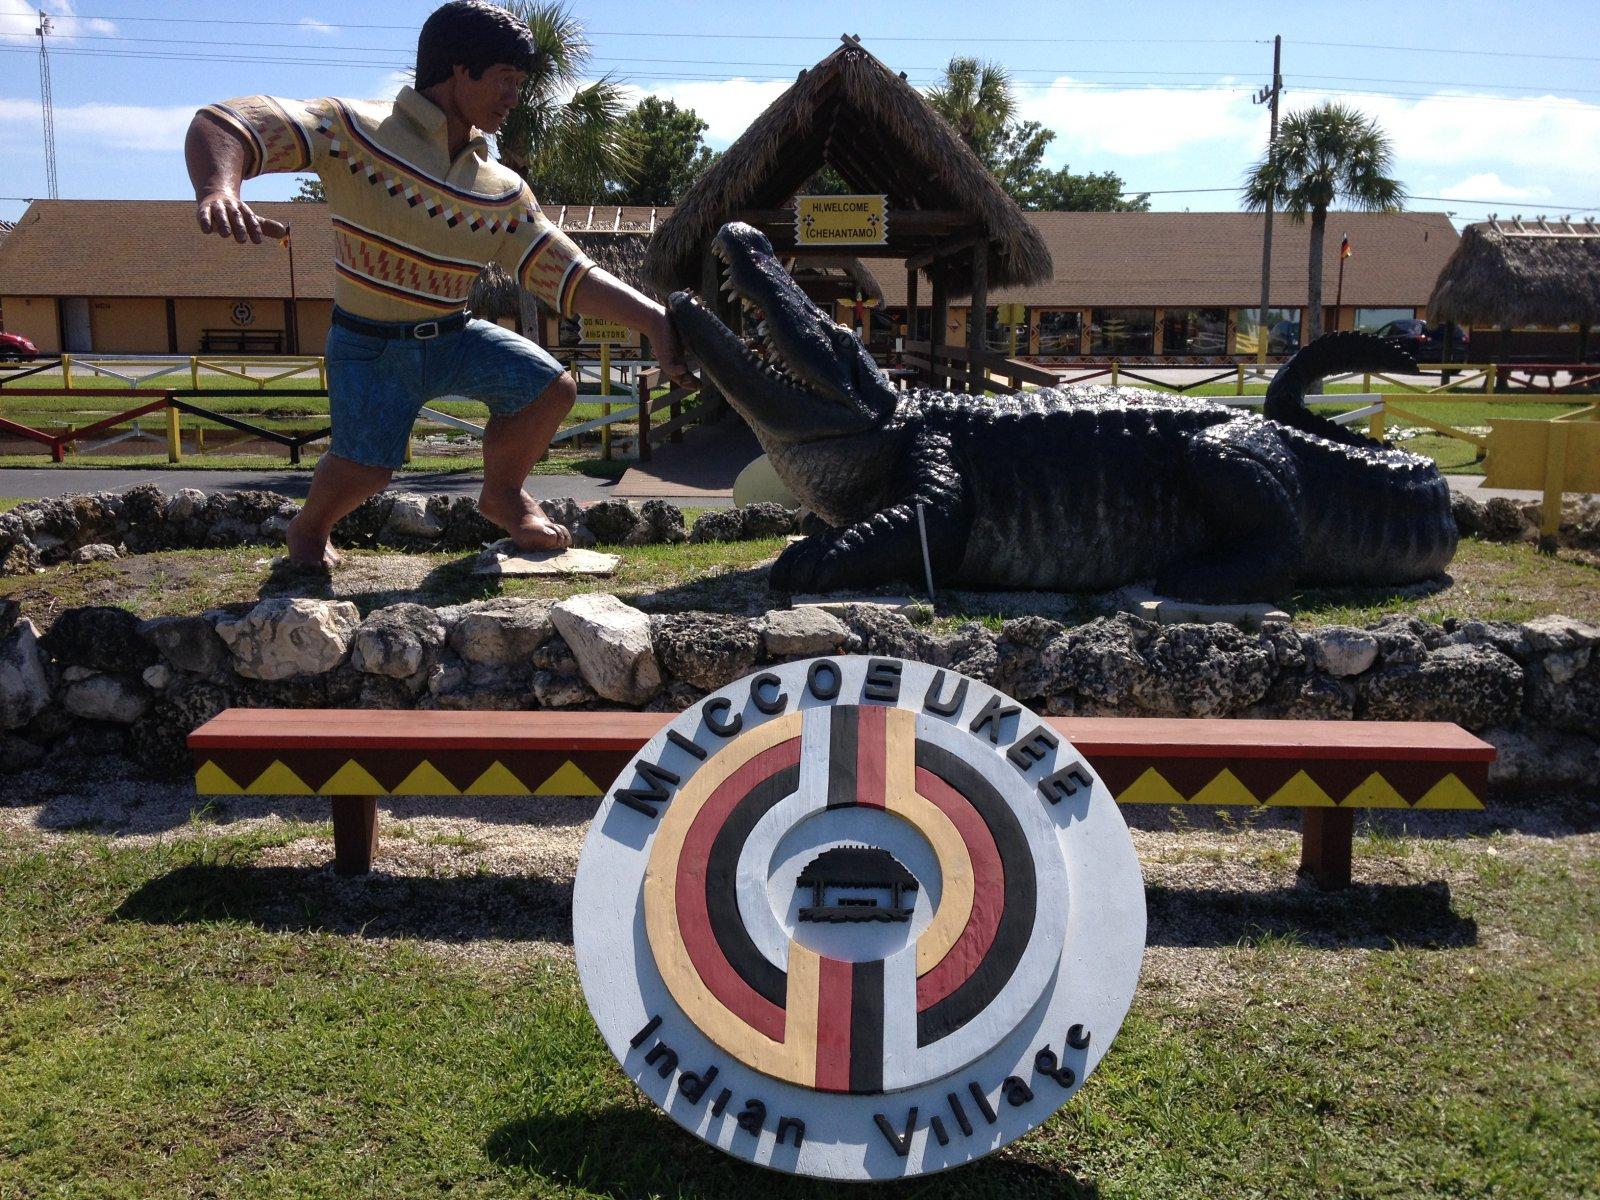 Ферма Аллигаторов и Индейская Деревня (Miccosukee Indian Village)